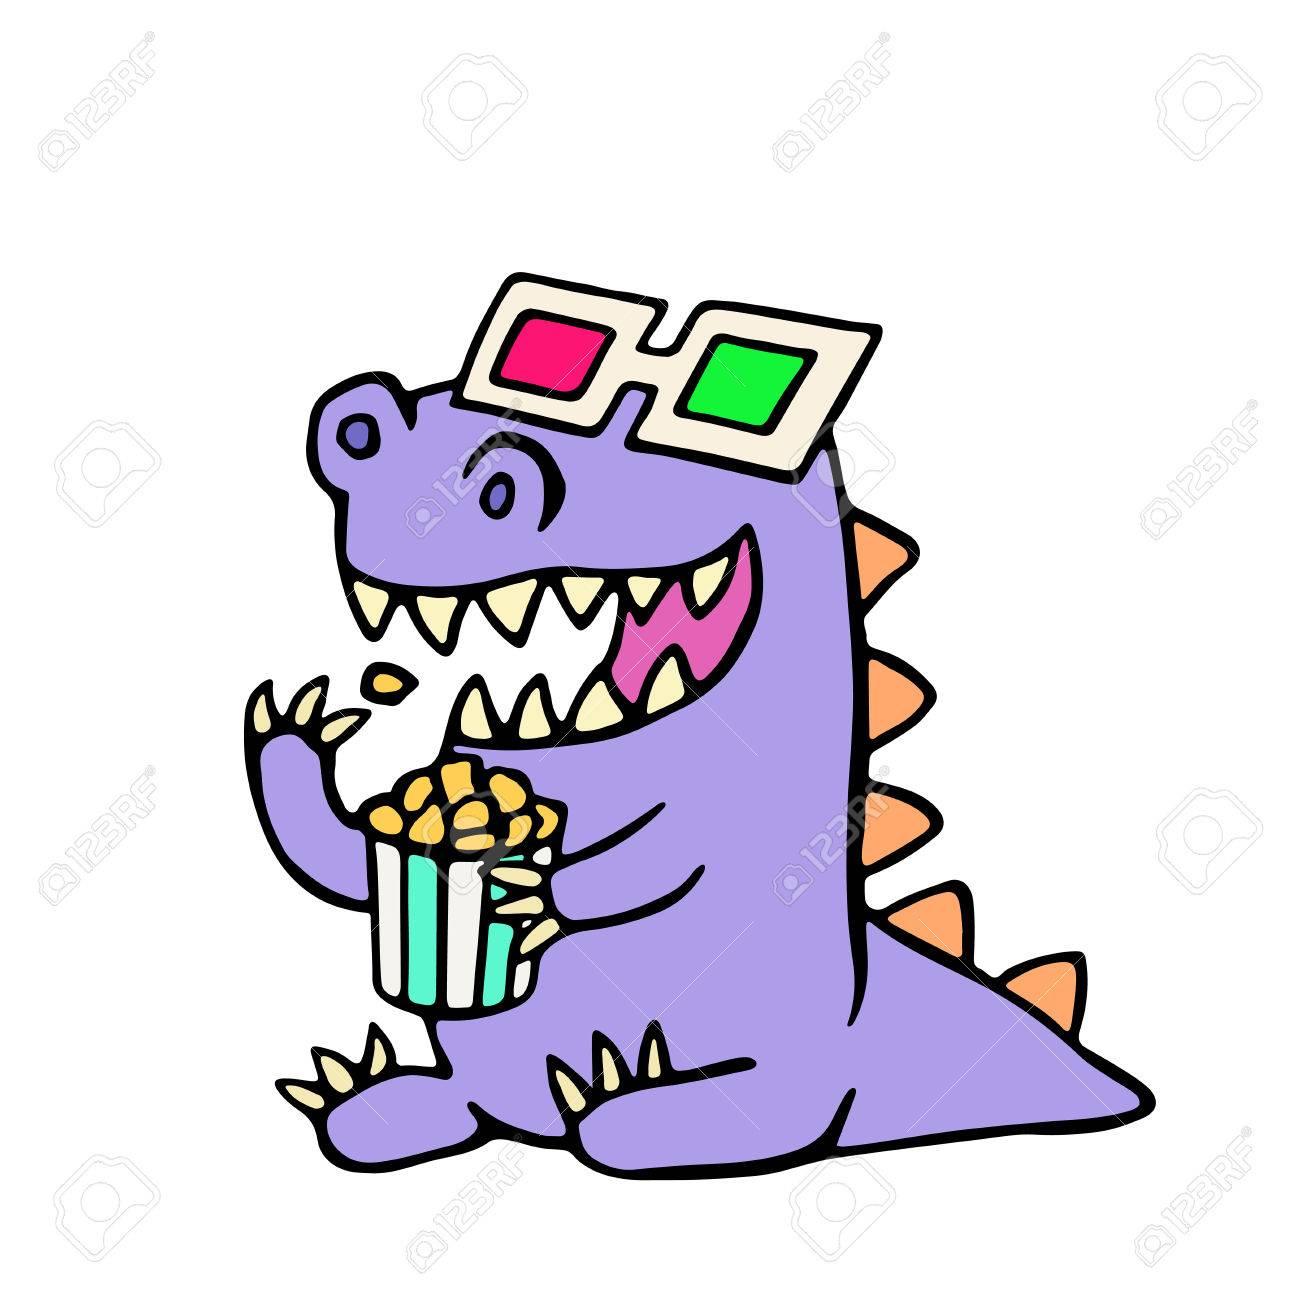 ハッピー ドラゴン アナグリフ眼鏡とポップコーンの箱ベクトルの図